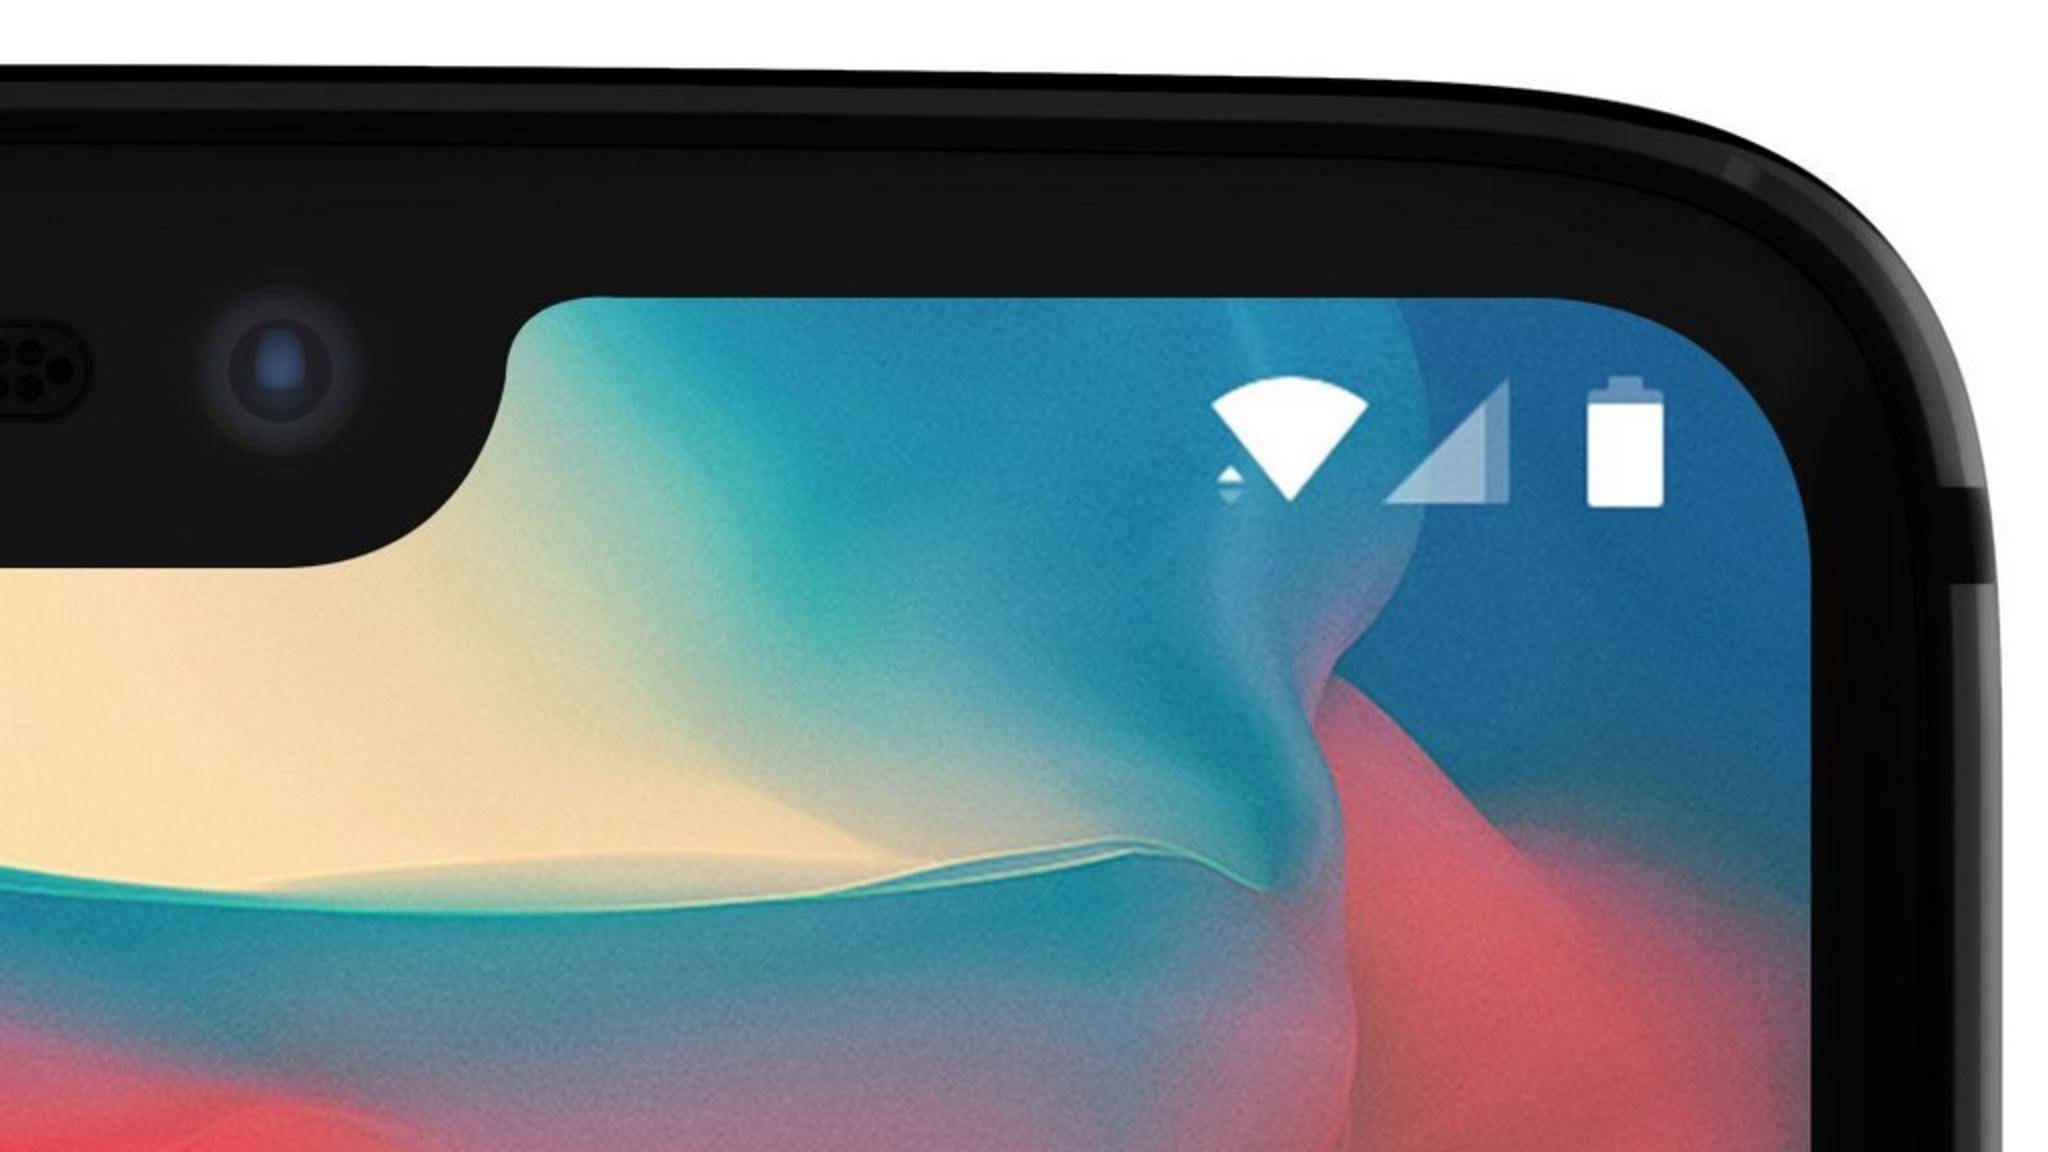 Auch das OnePlus 6 will anscheinend auf eine Notch setzen.